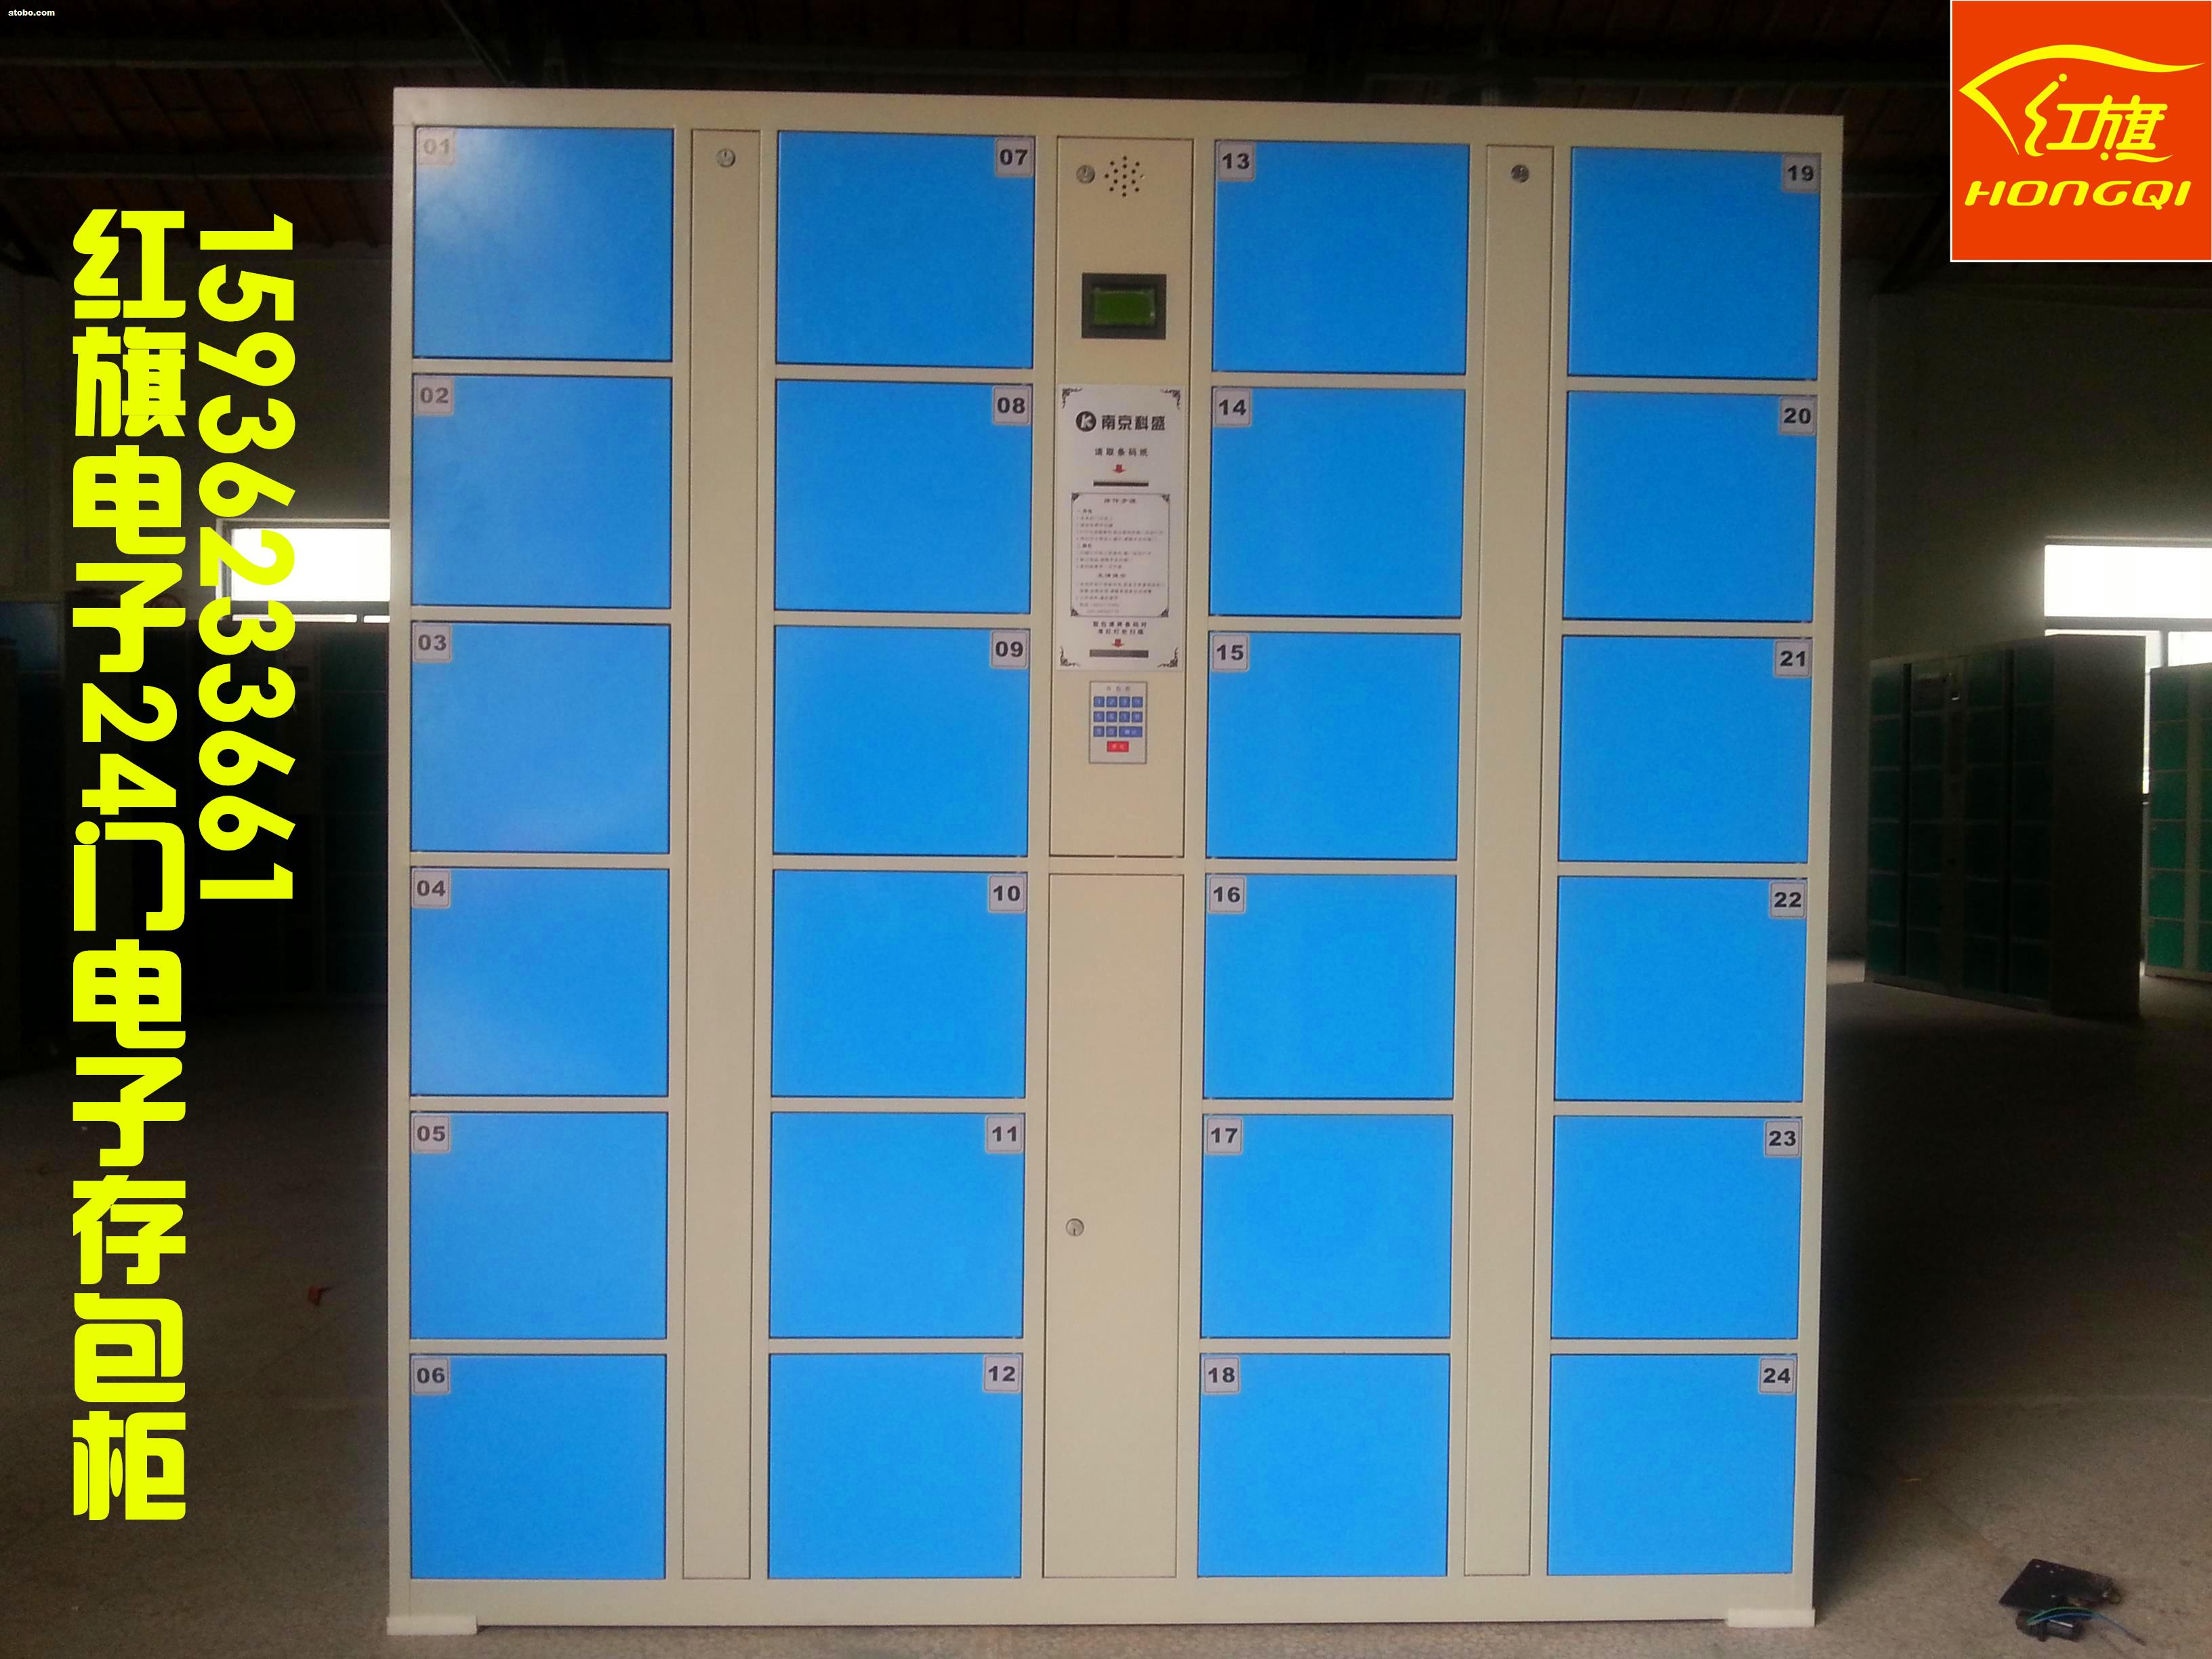 供应漯河电子存包柜超市存包柜,漯河电子存包柜超市存包柜配件,漯河电子存包柜超市存包柜图片尺寸